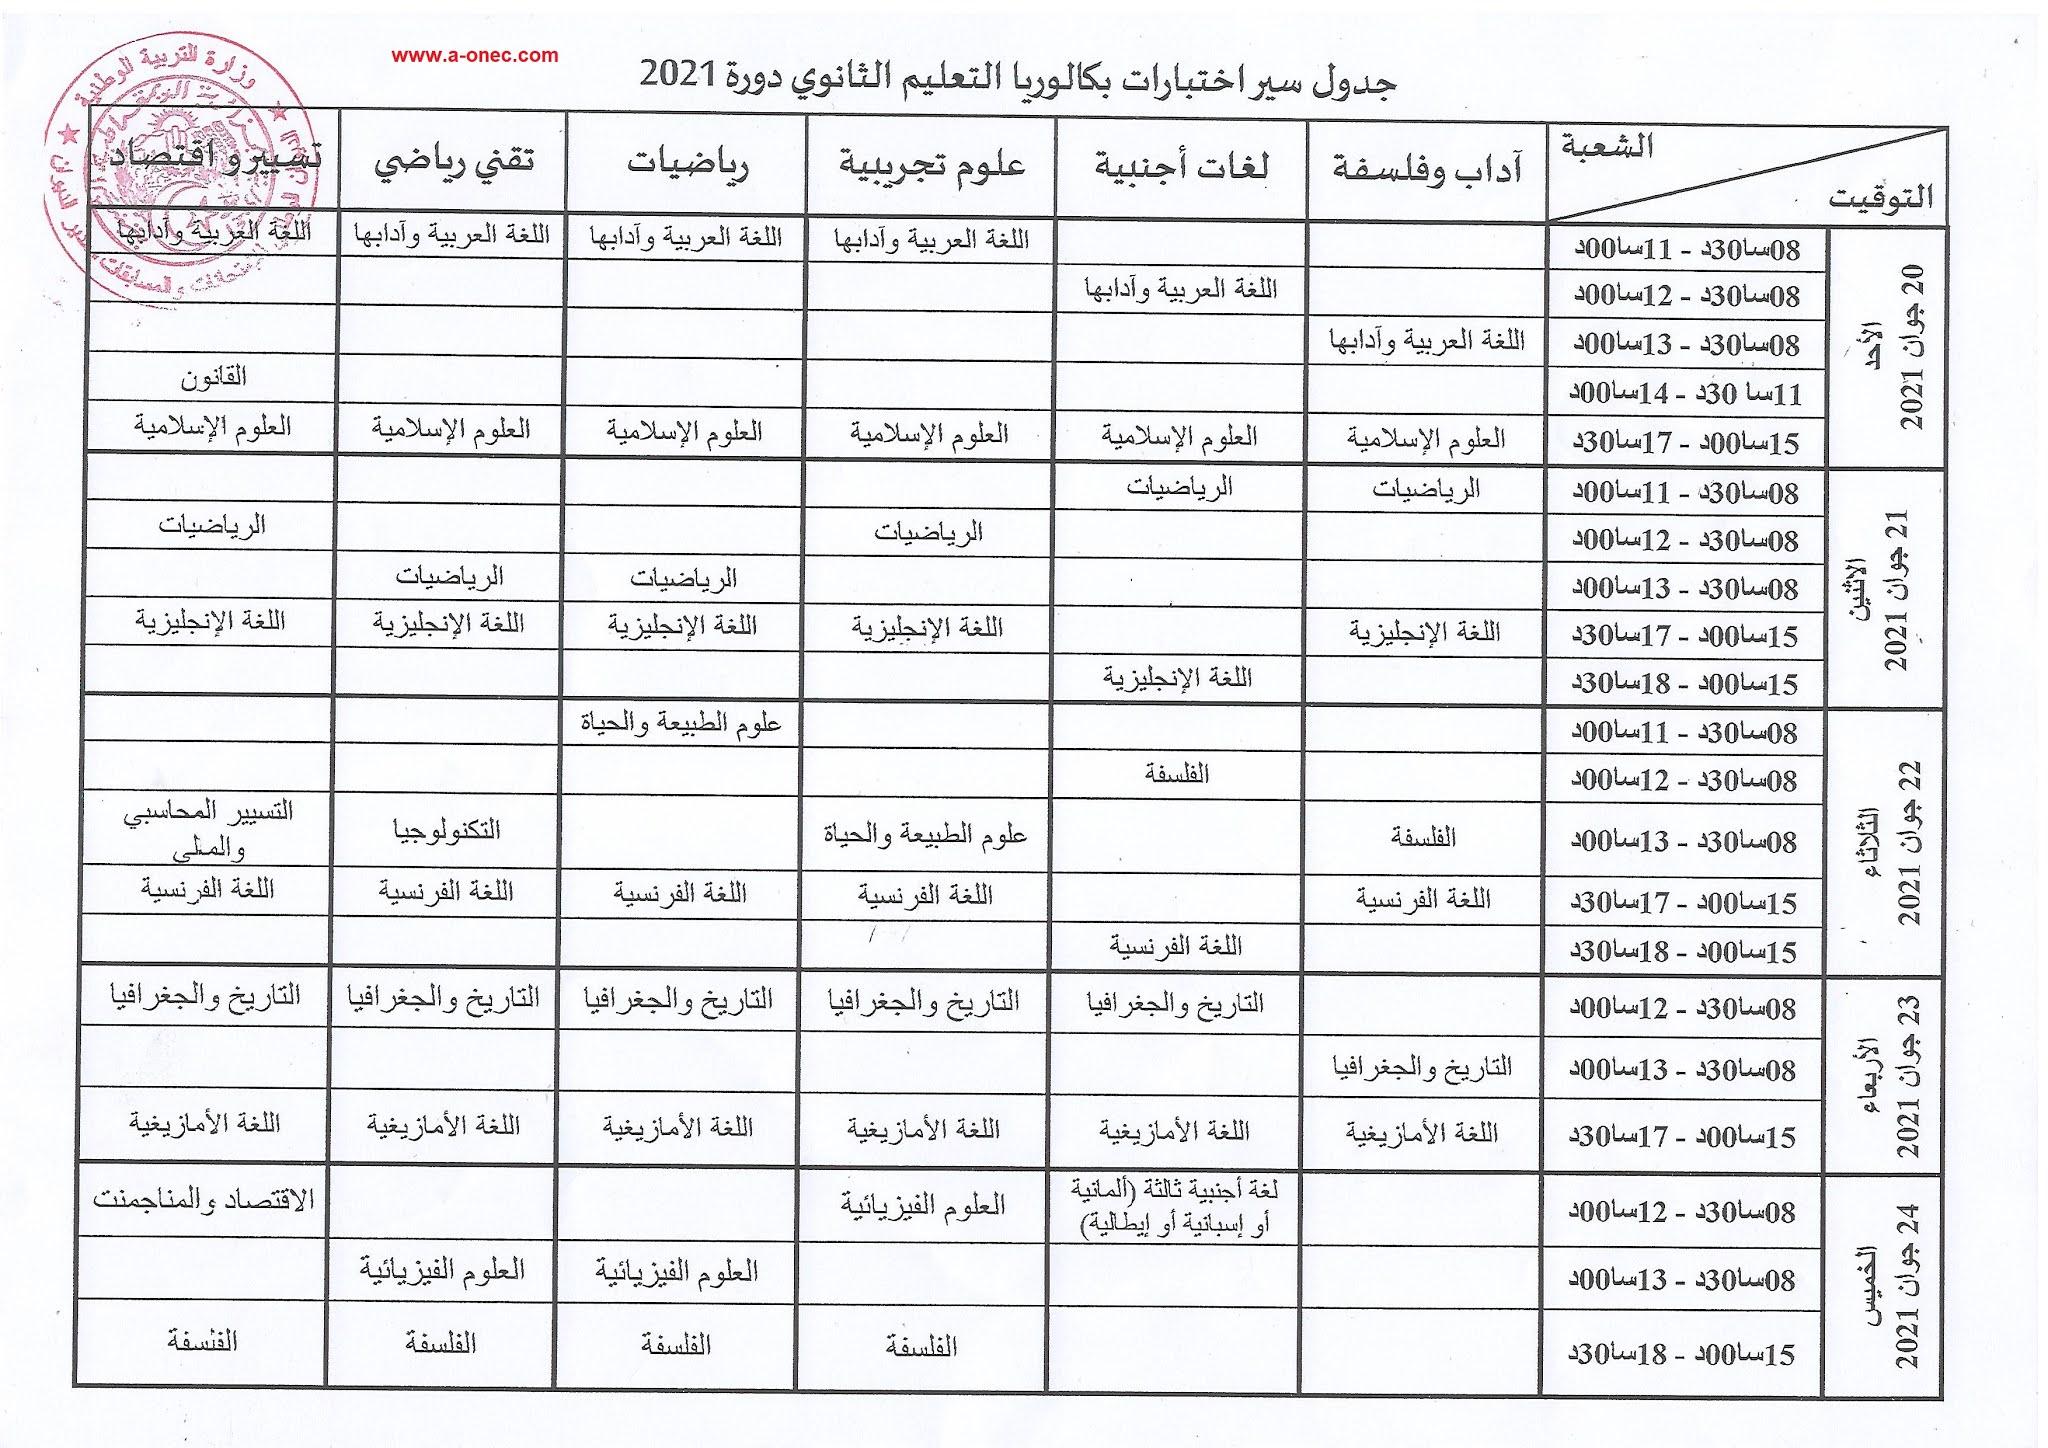 برنامج سير امتحانات شهادة البكالوريا 2021